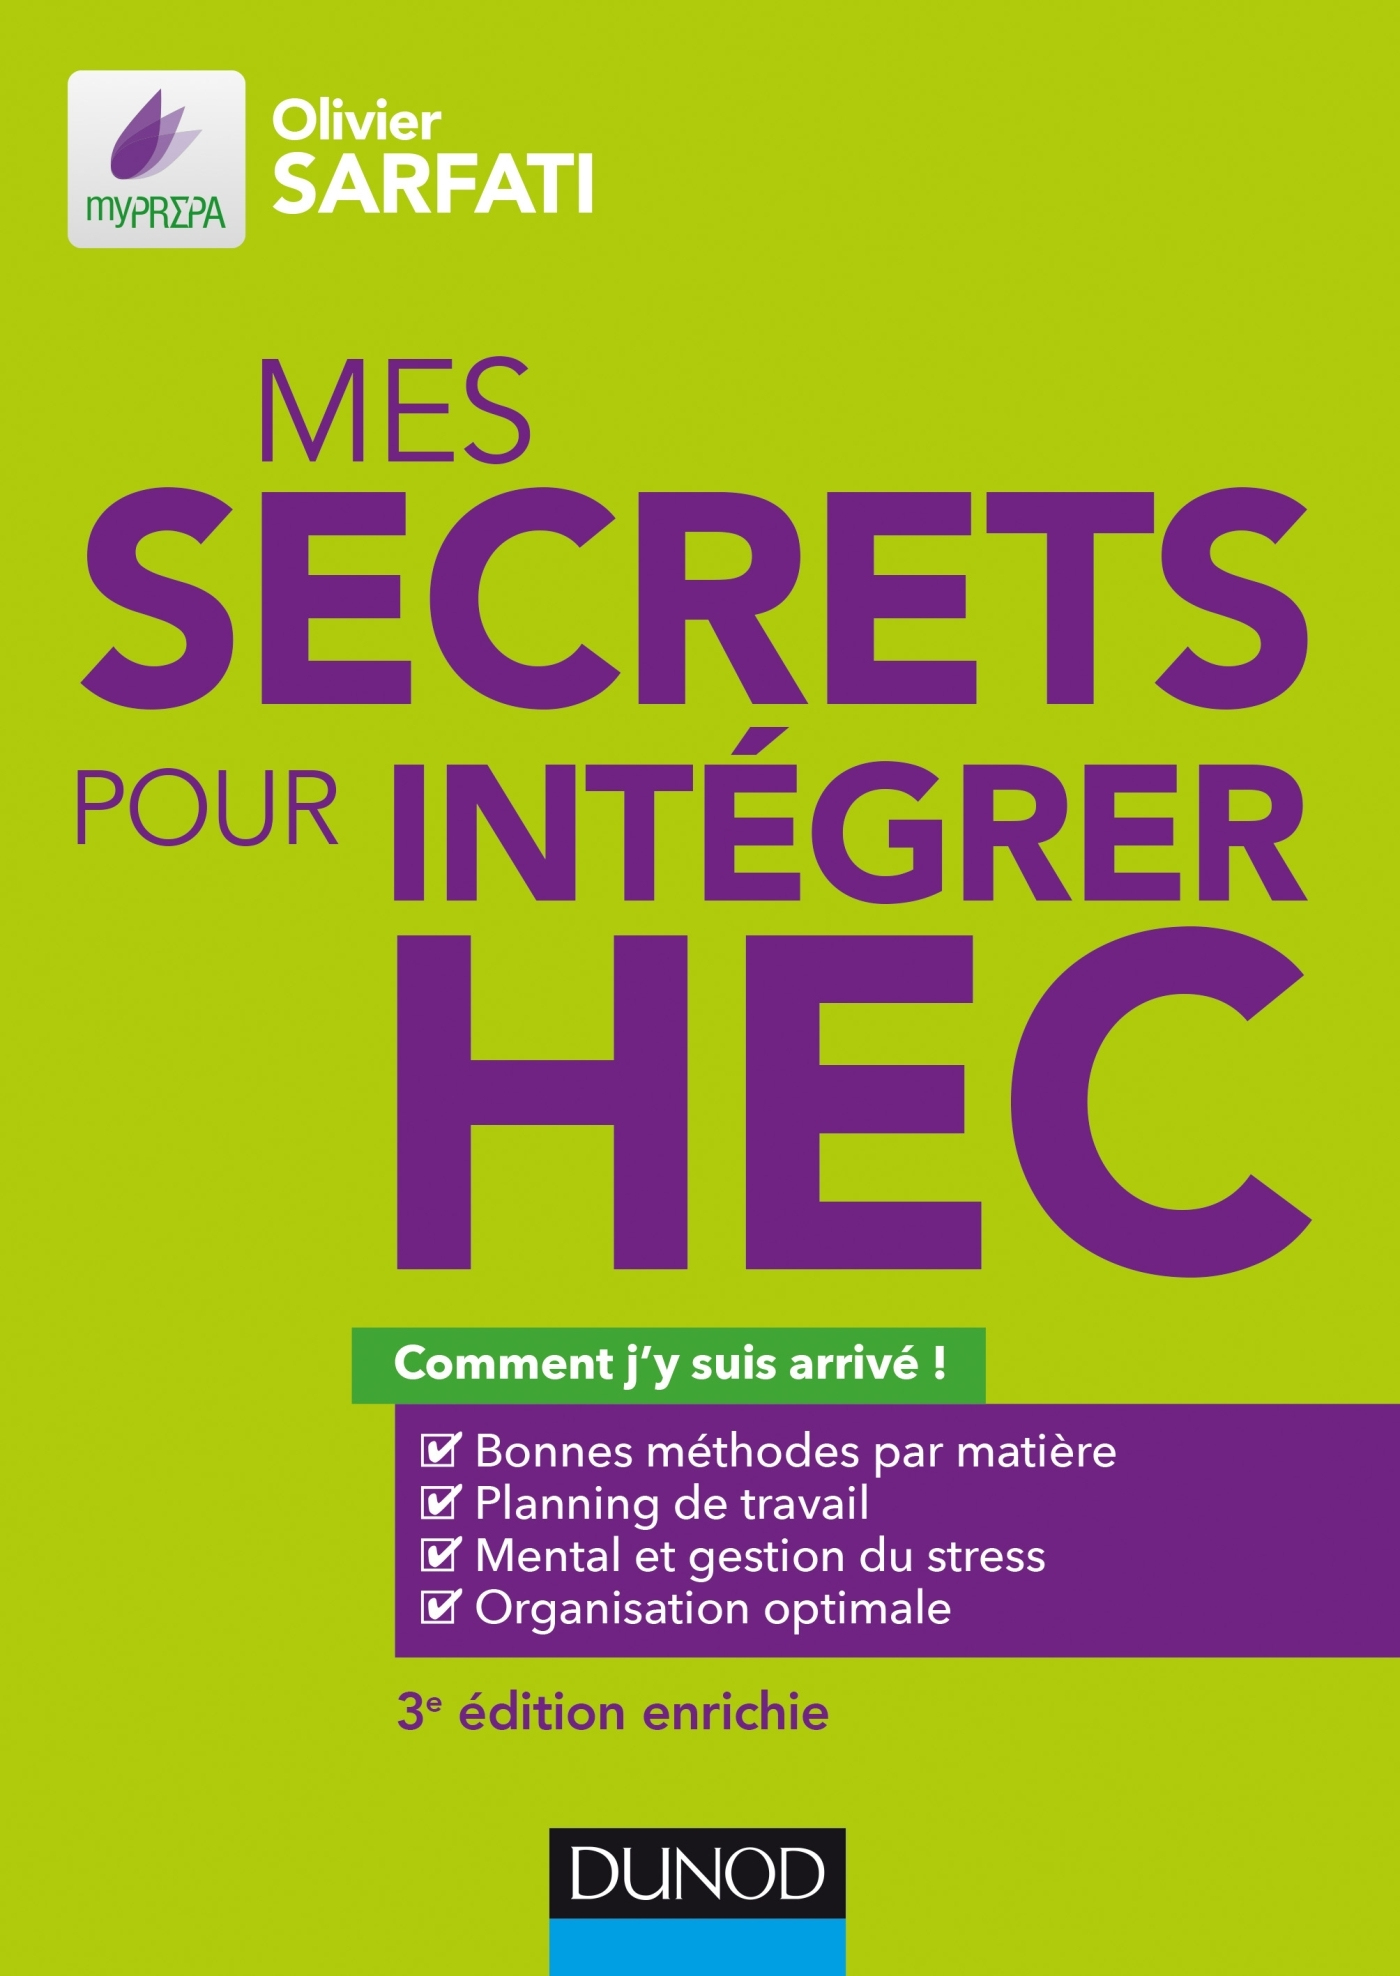 MES SECRETS POUR INTEGRER HEC - 3E ED. - COMMENT J'Y SUIS ARRIVE !